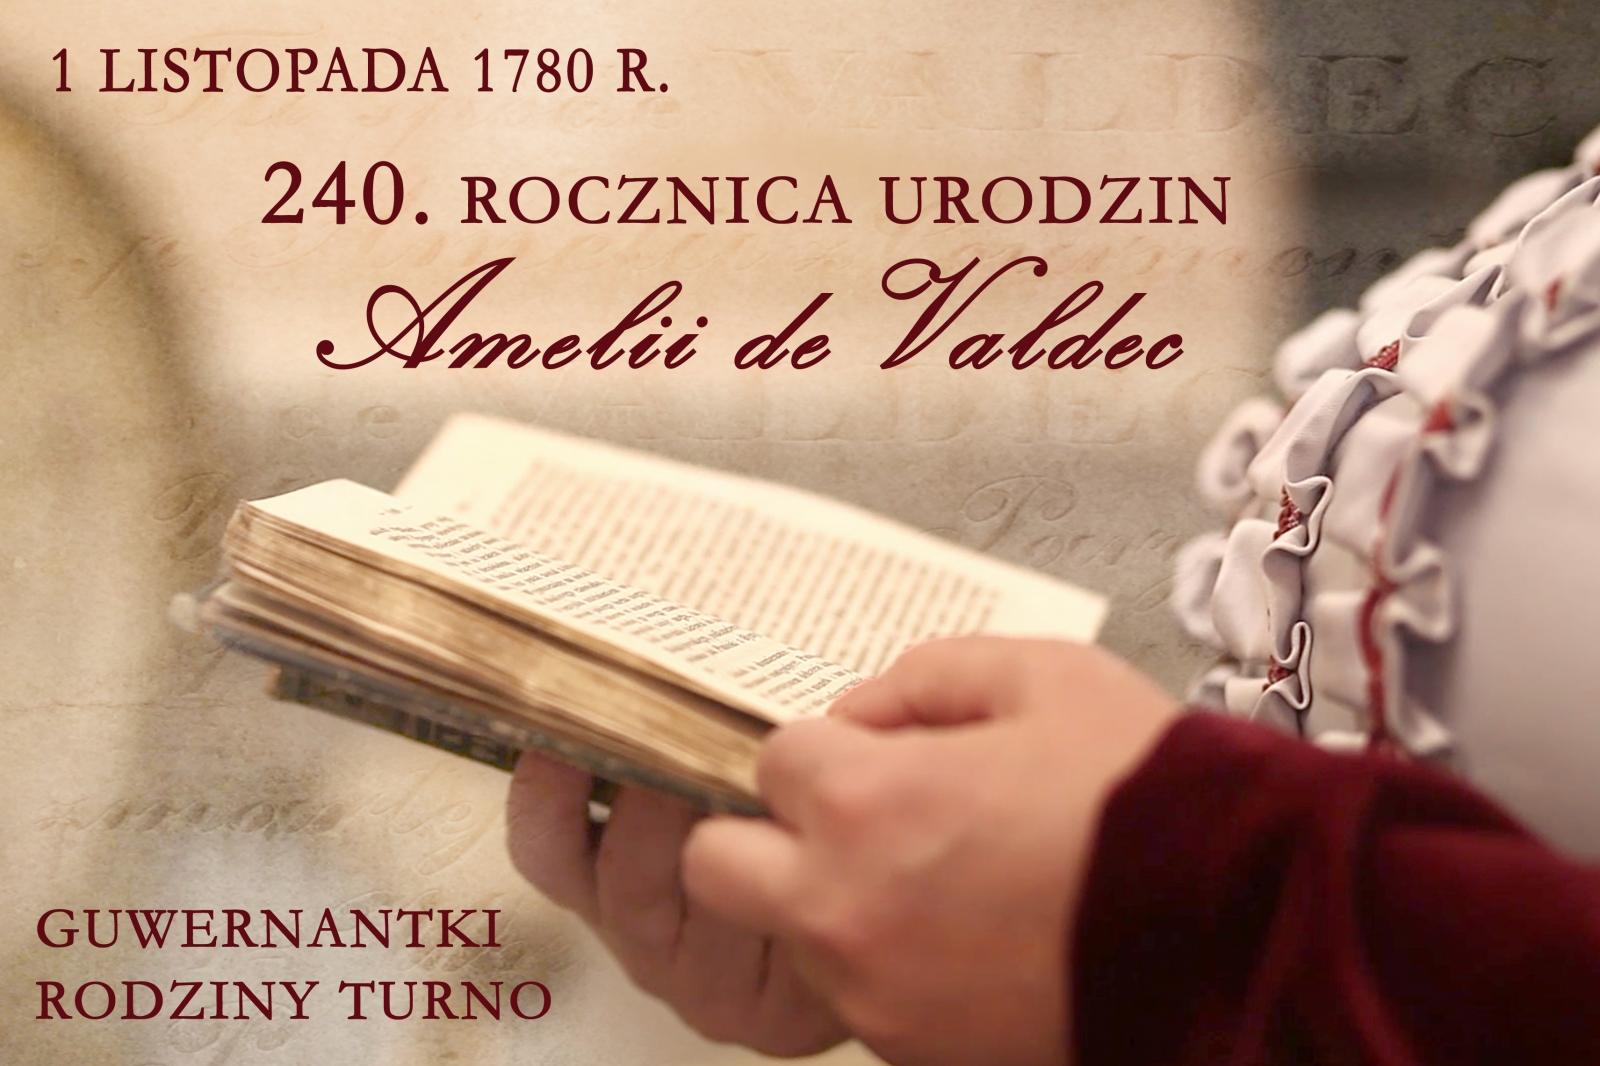 1 LISTOPADA 1780 R. - 240. ROCZNICA URODZIN AMELII DE VALDEC